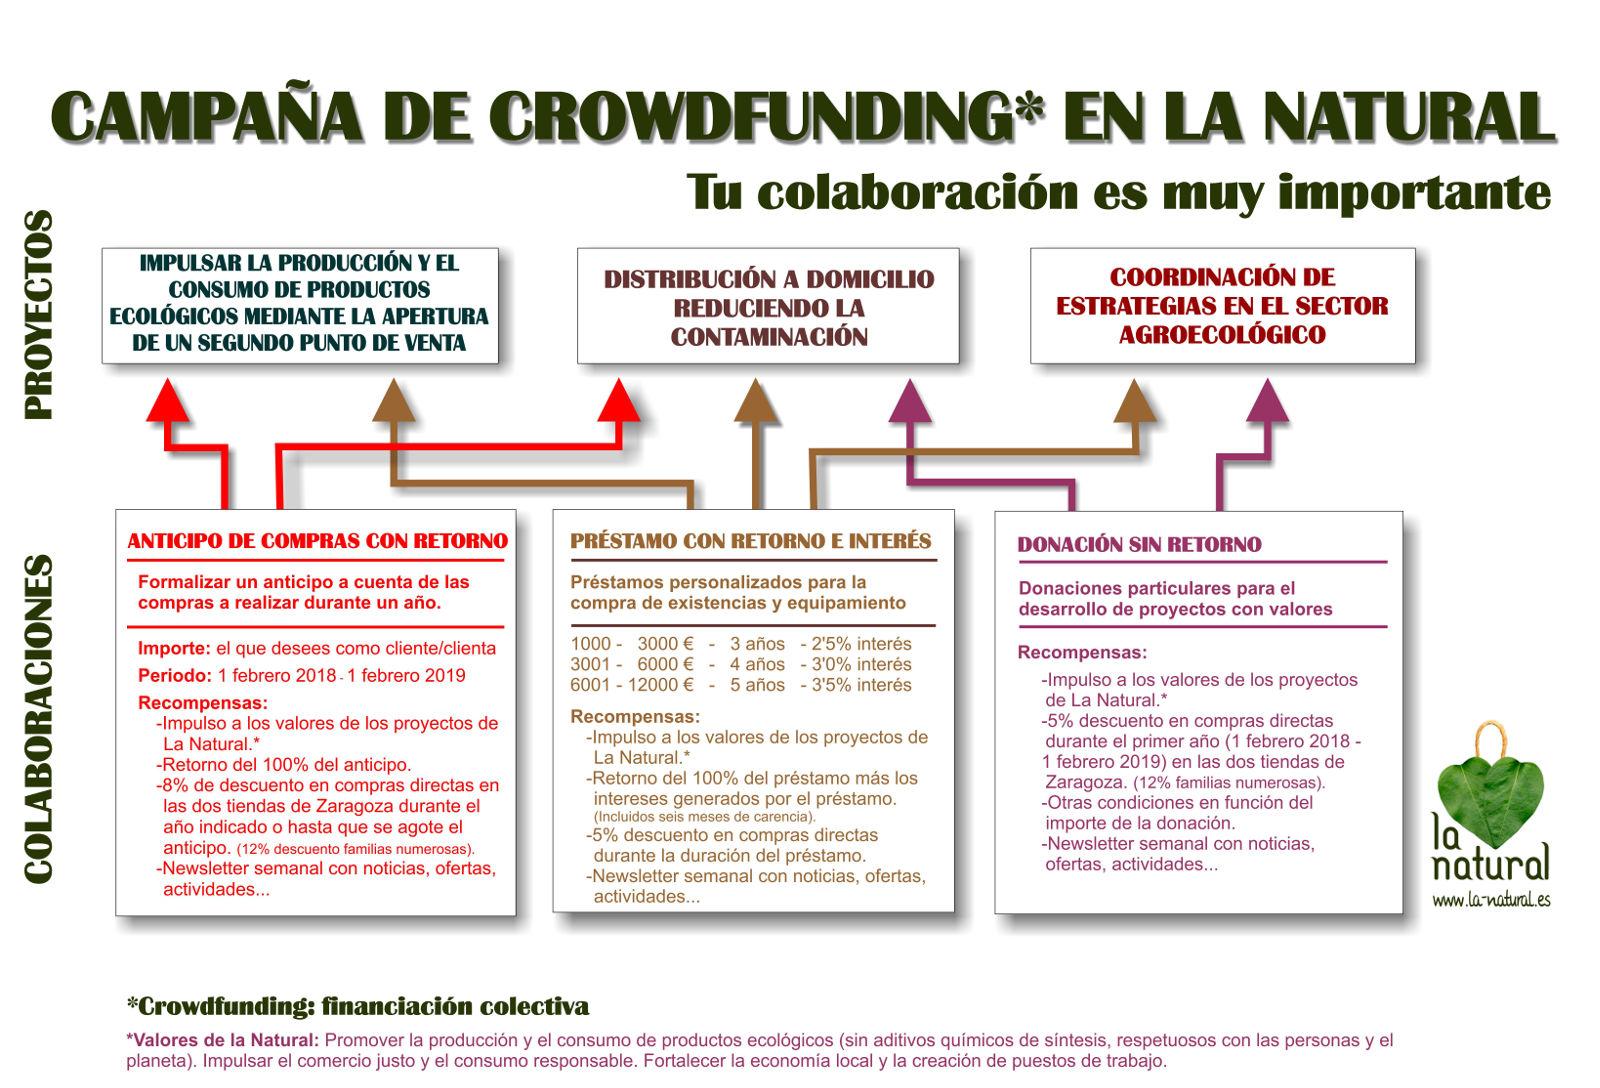 Esquema de crowdfunding